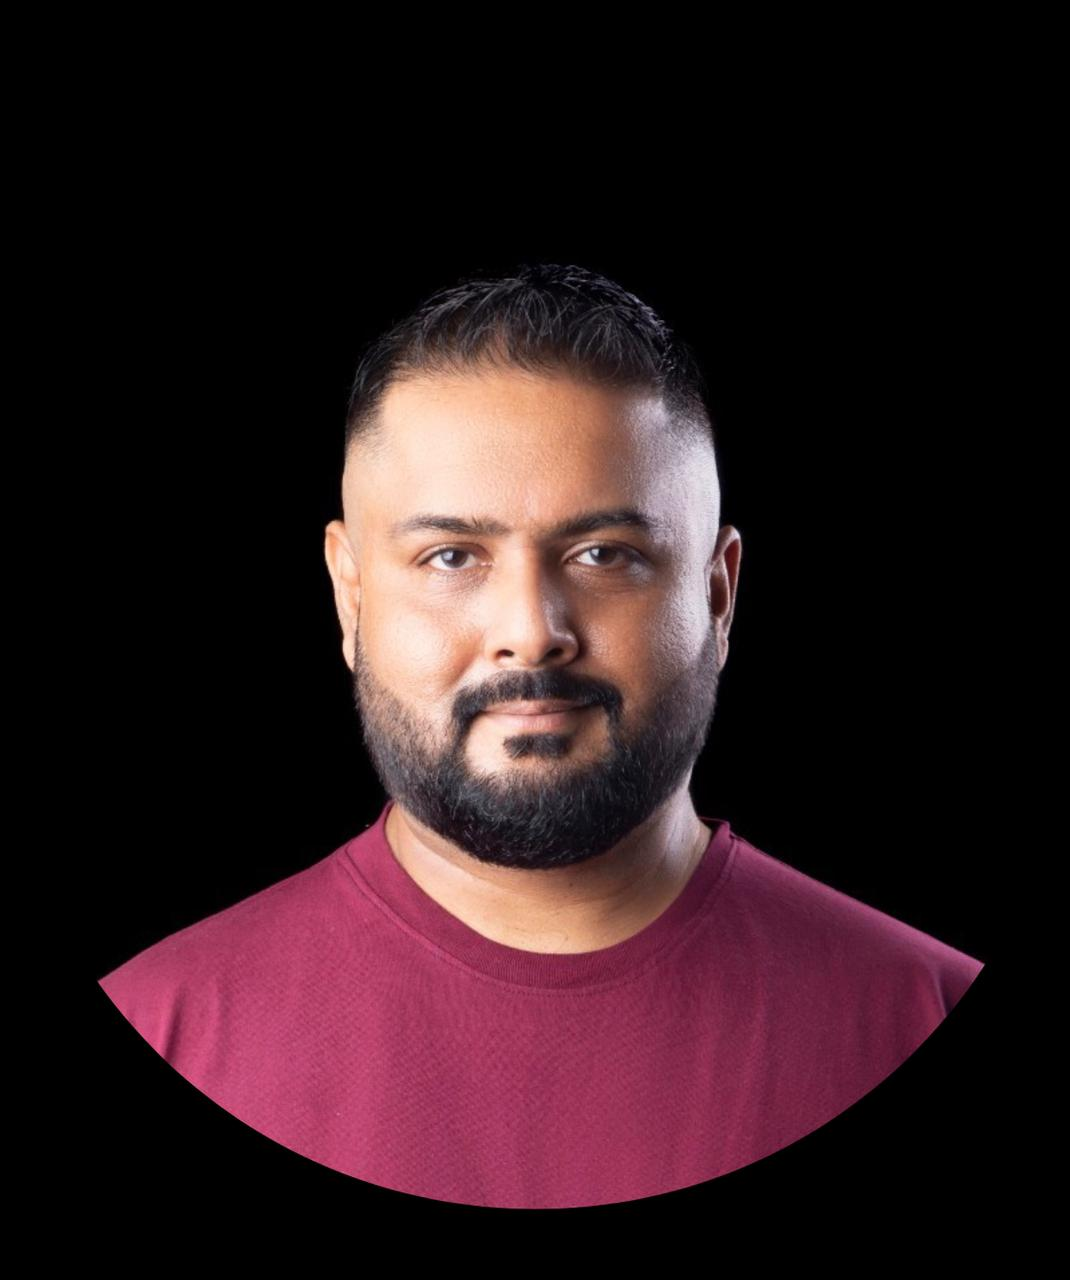 Mohenesh Chamith Buthgumwa